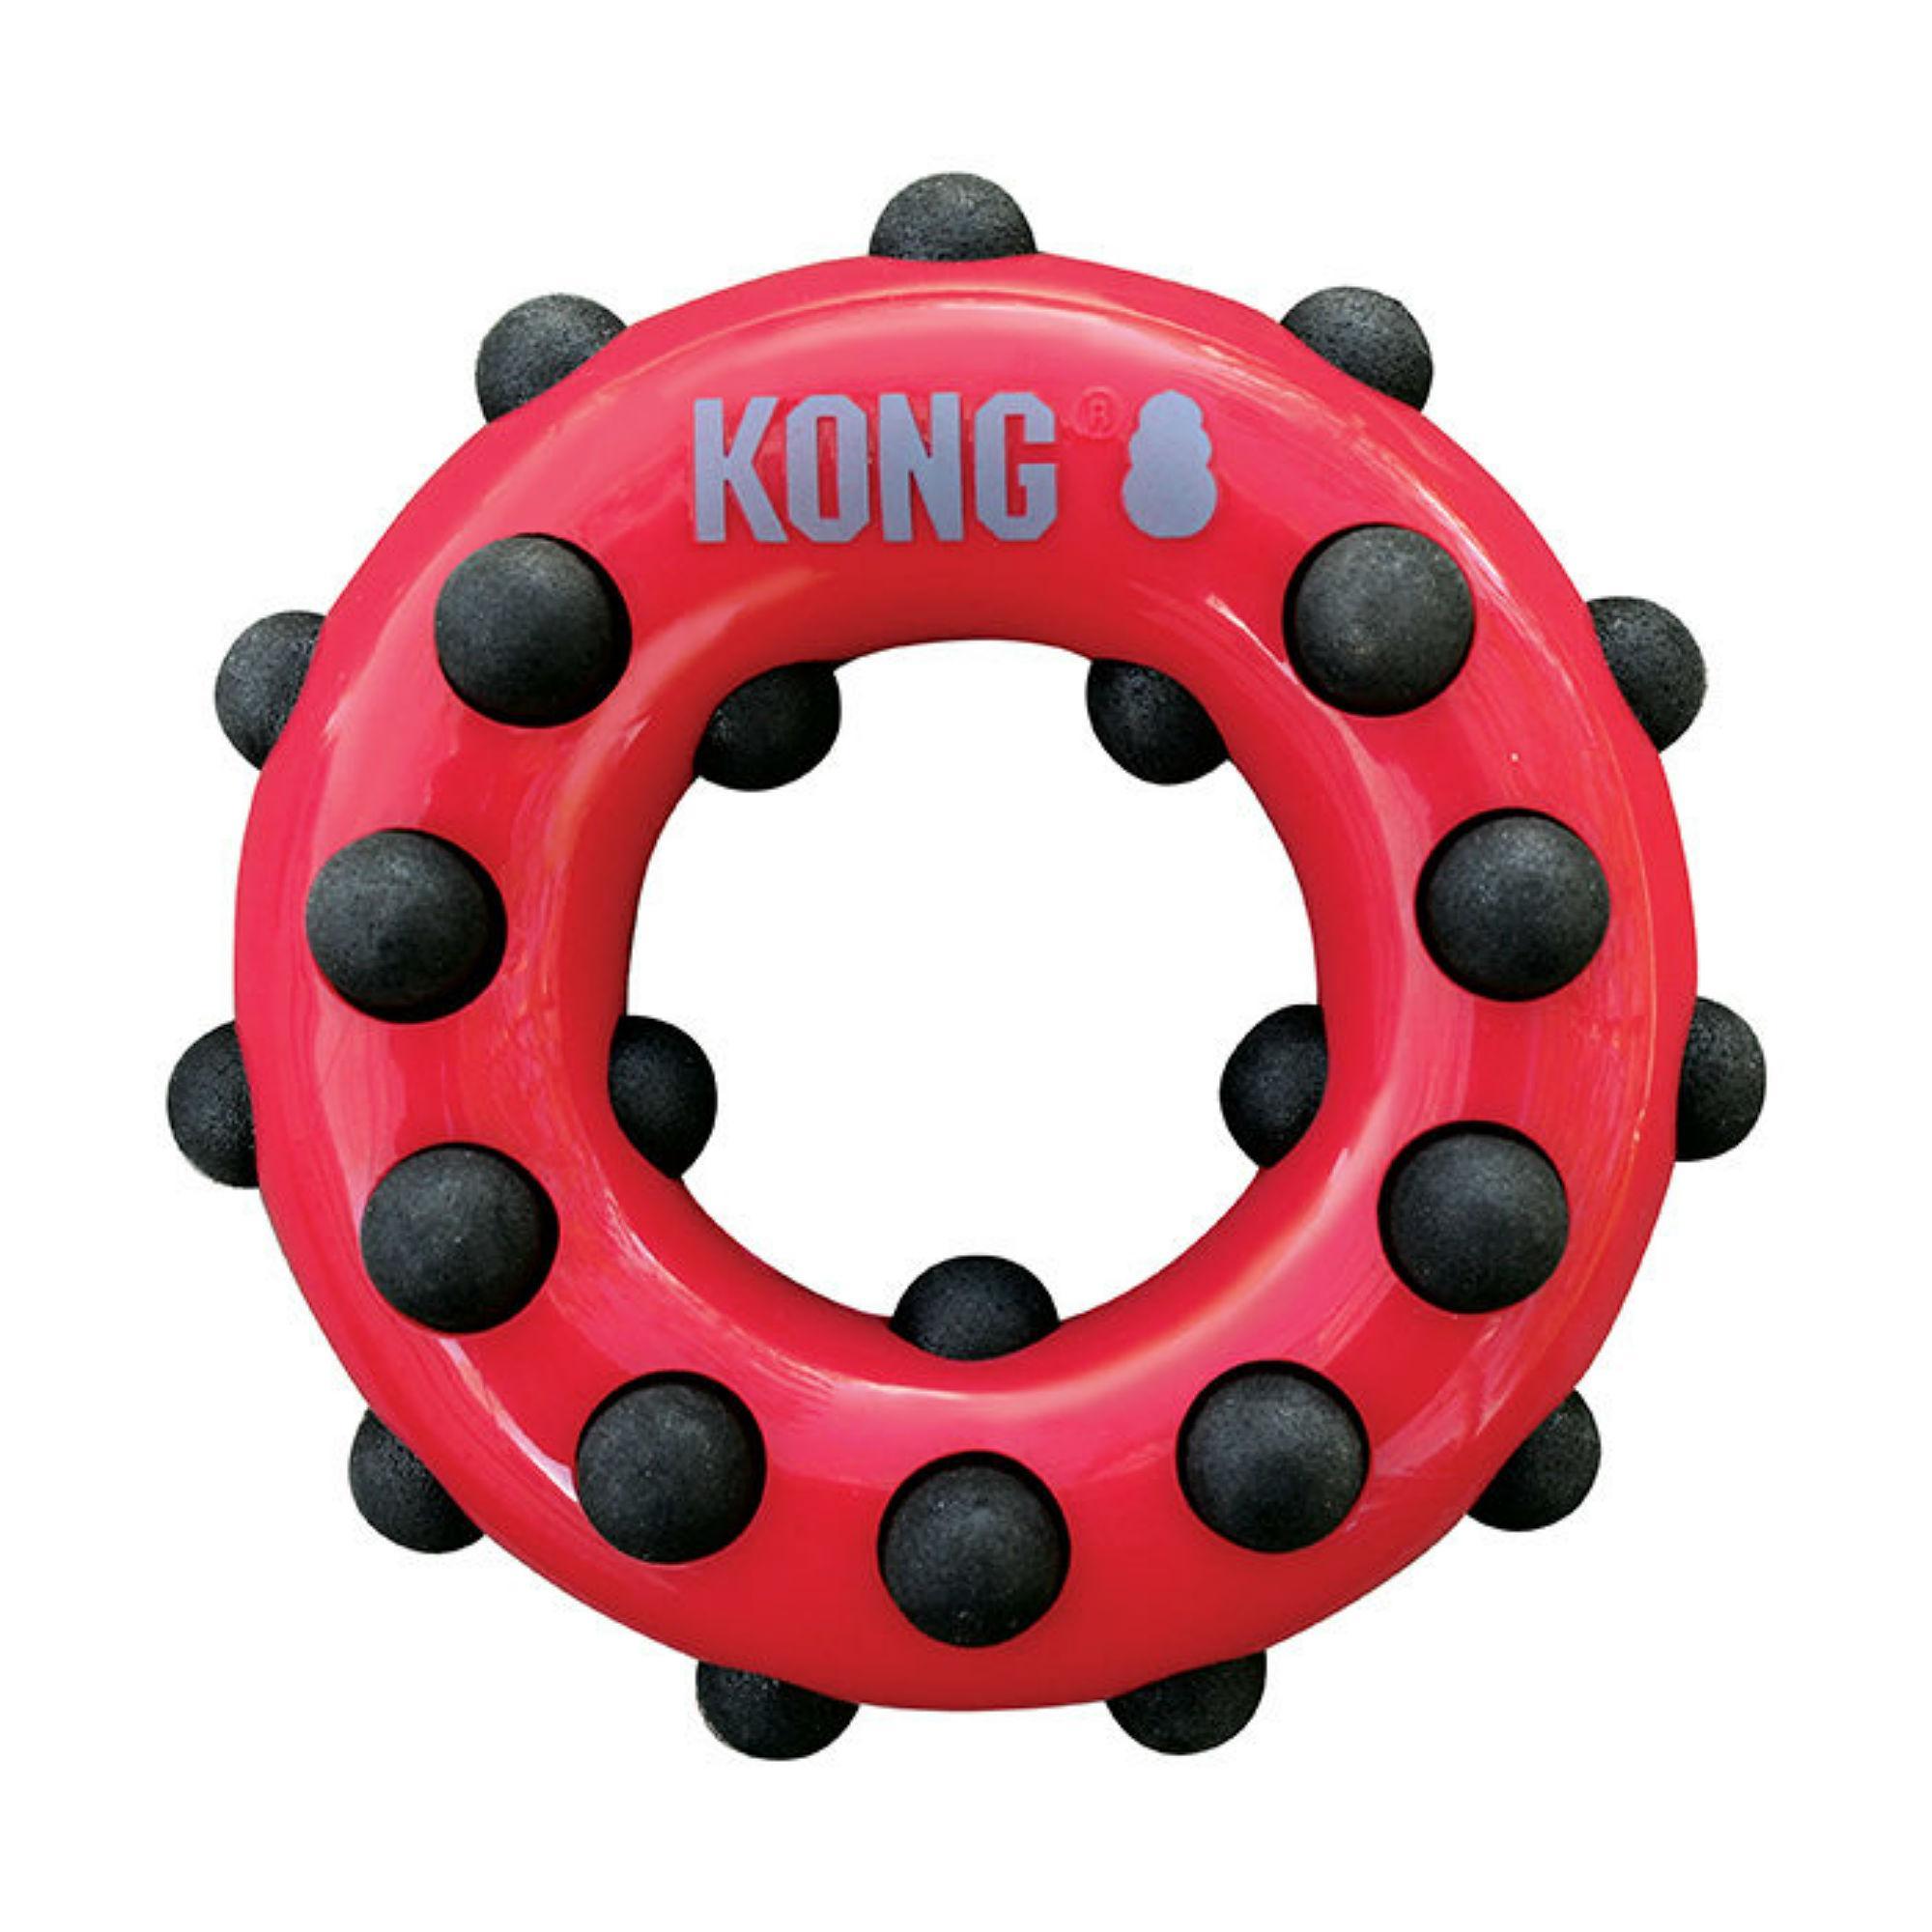 KONG Dotz Dog Toy - Circle